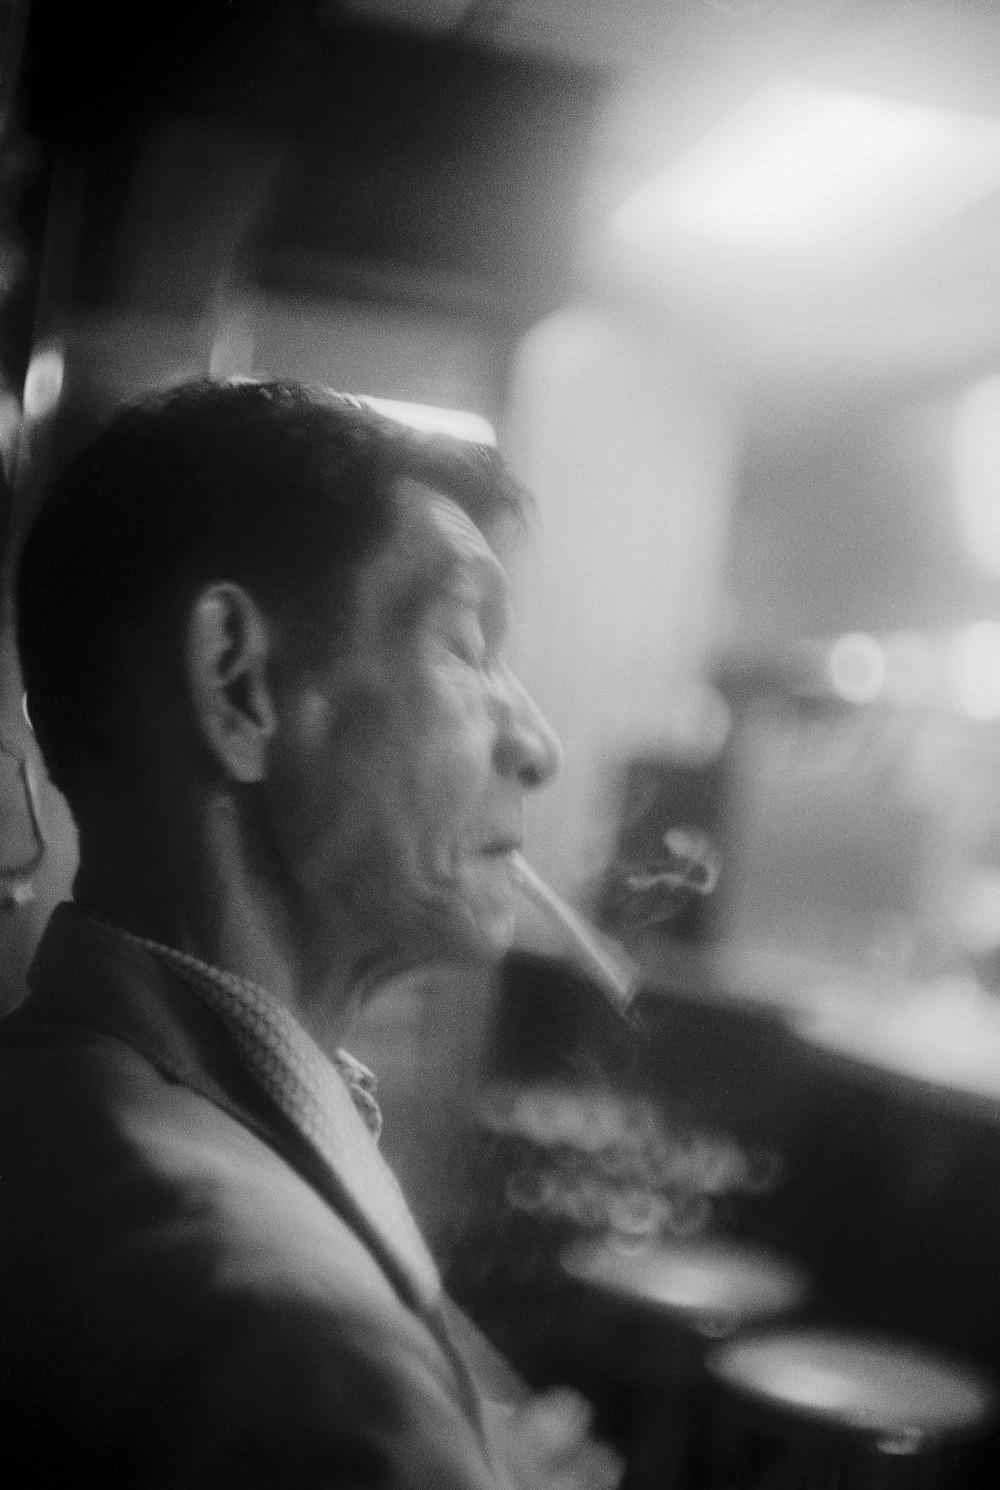 Street photographer Jorg Rubbert from Berlin